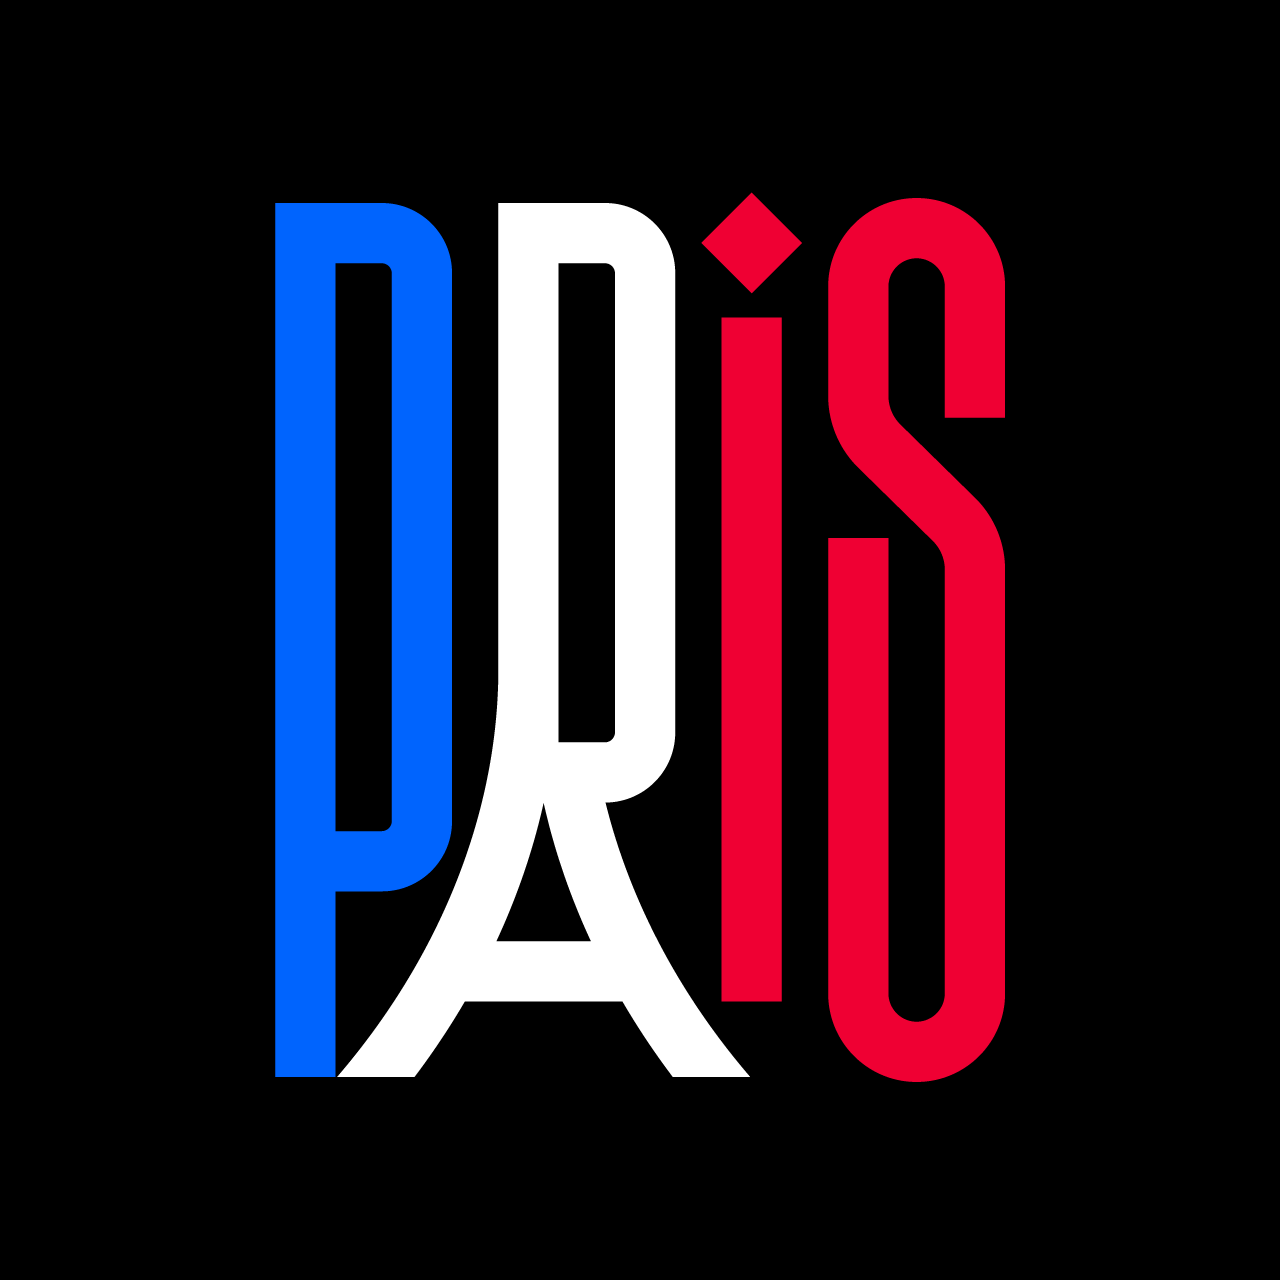 paris-2